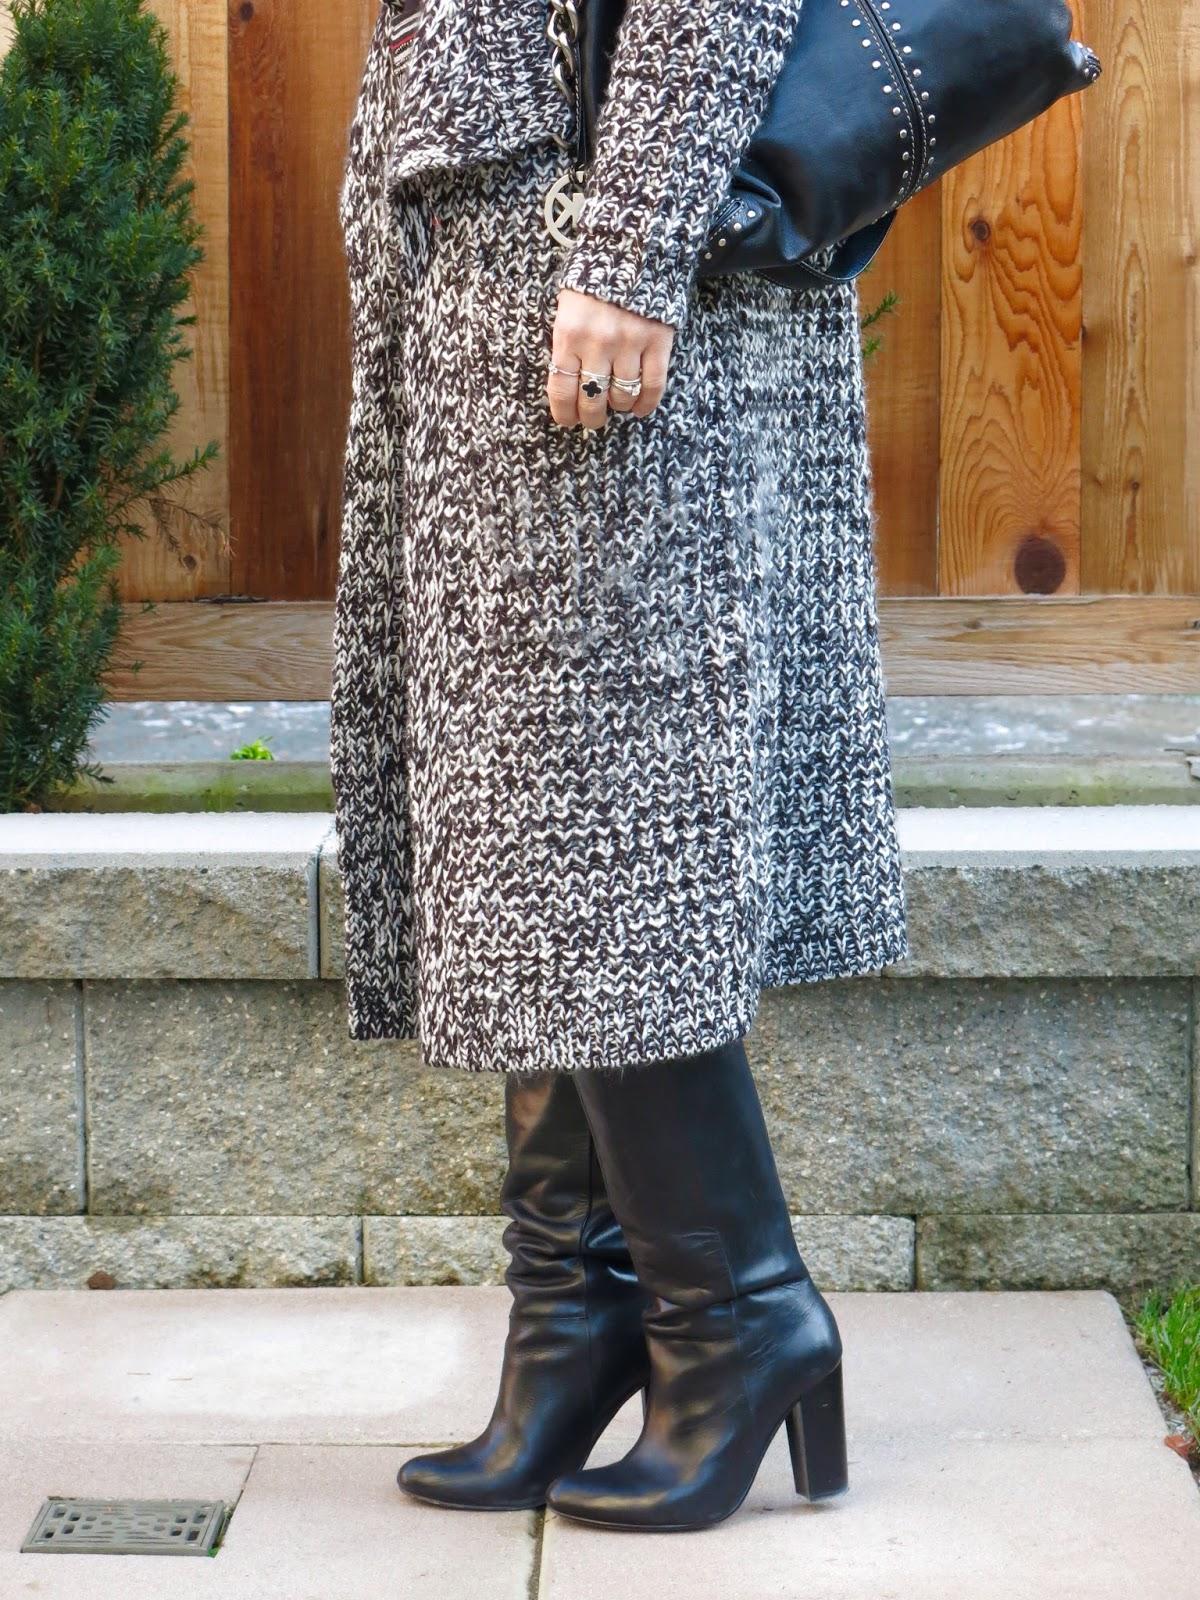 knee boots, long cardigan, and Michael Kors studded bag